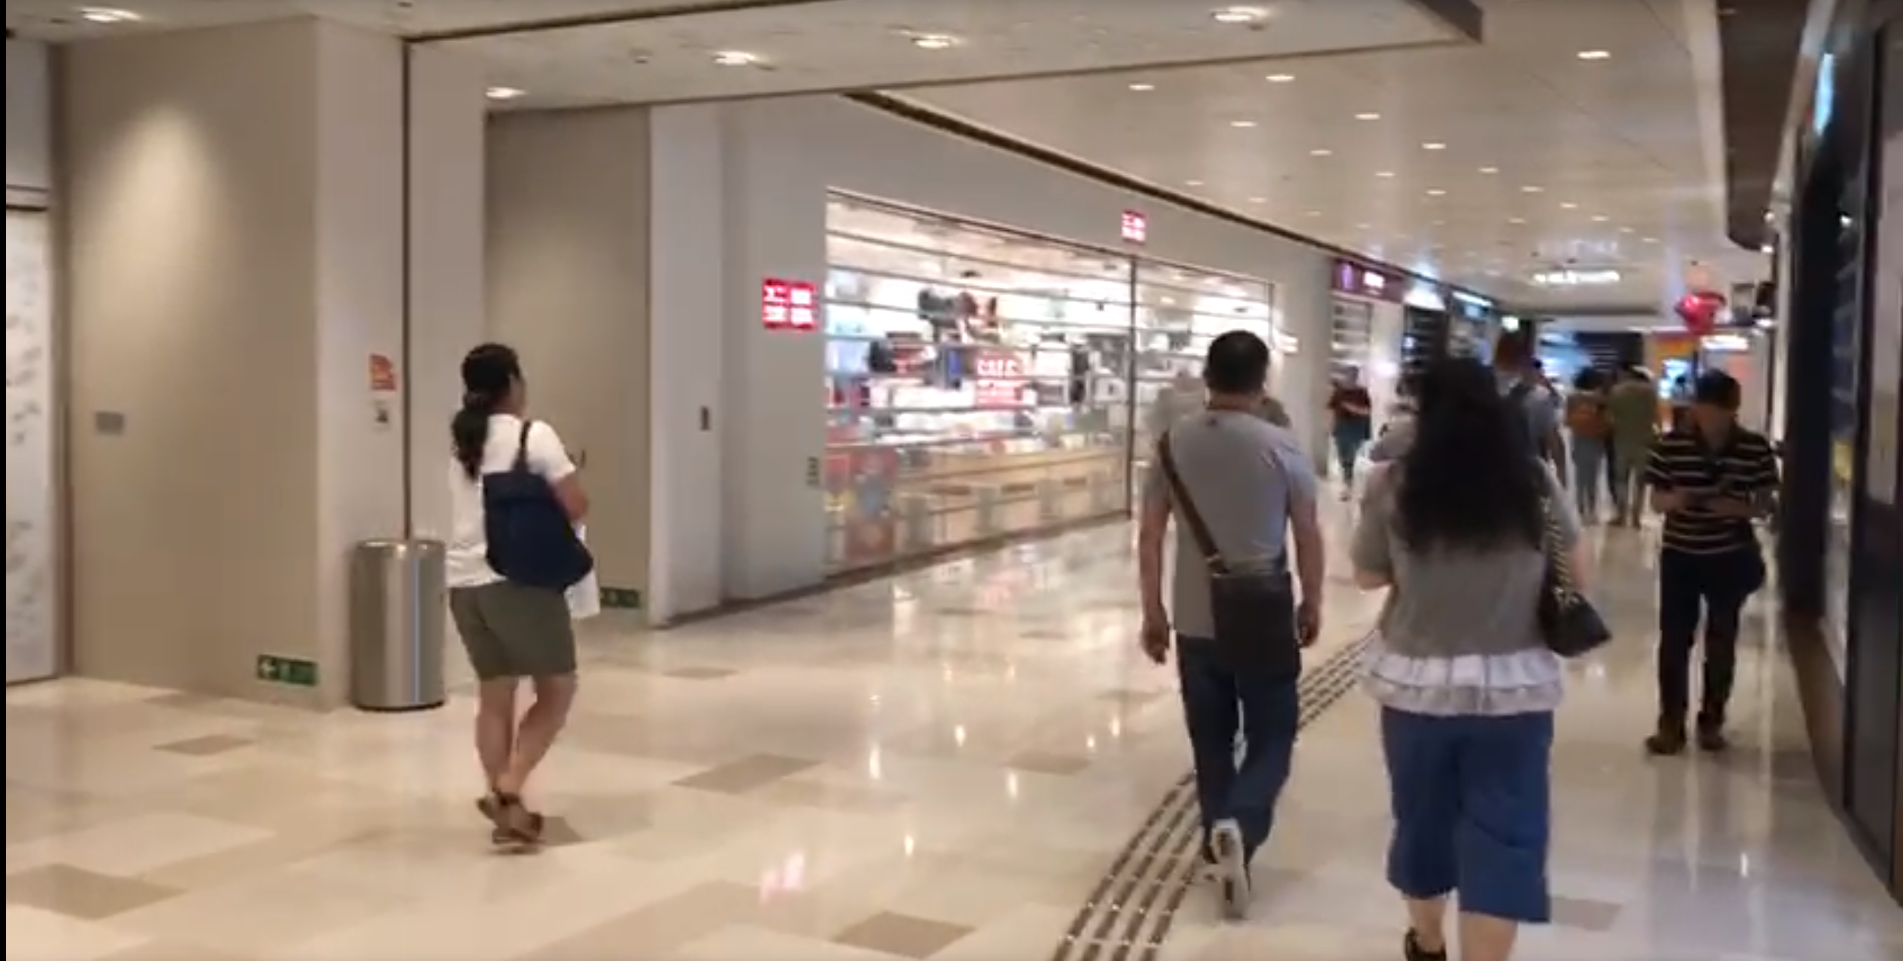 网上传言指新界会再有袭击事件,屯门地铁站上盖大型商场,八成商户都关门不做生意。(吕熙摄,2019年7月22日)